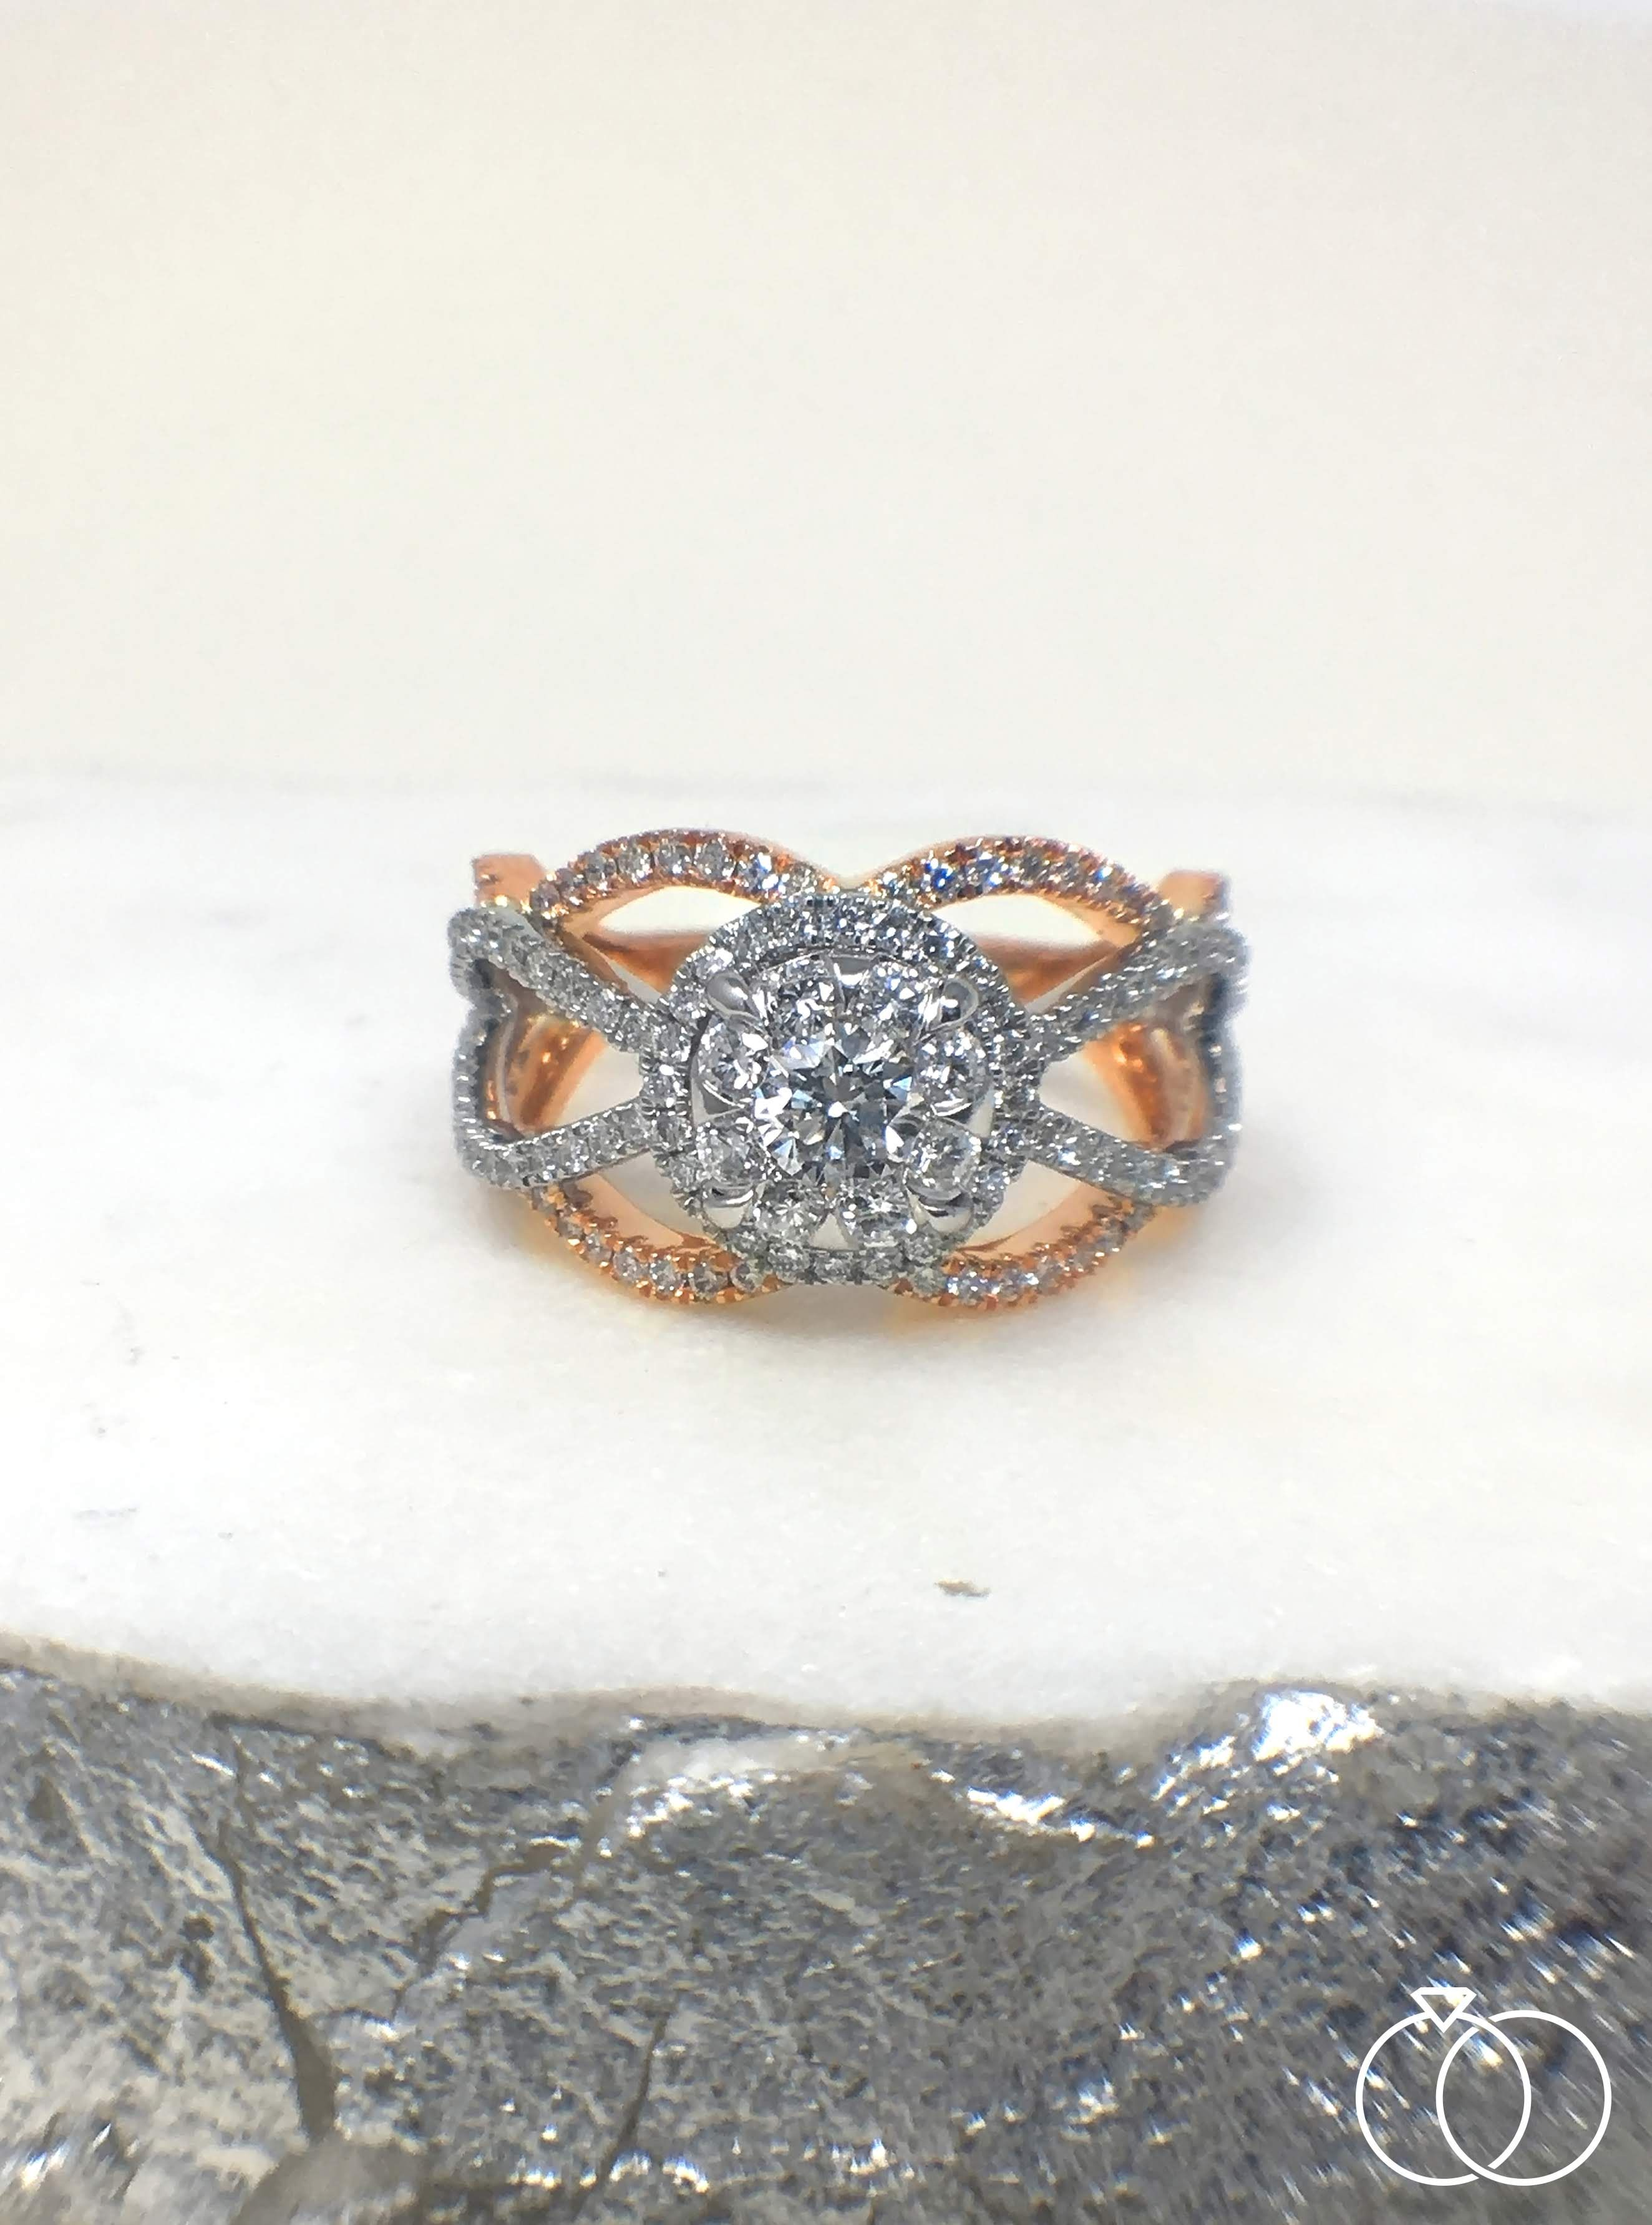 Utwo 14k Rose And 14k White Gold Diamond Engagement Ring 3 4 Ct Tw 14k White Gold Diamond Engagement Ring Diamond Engagement Rings Diamond Engagement